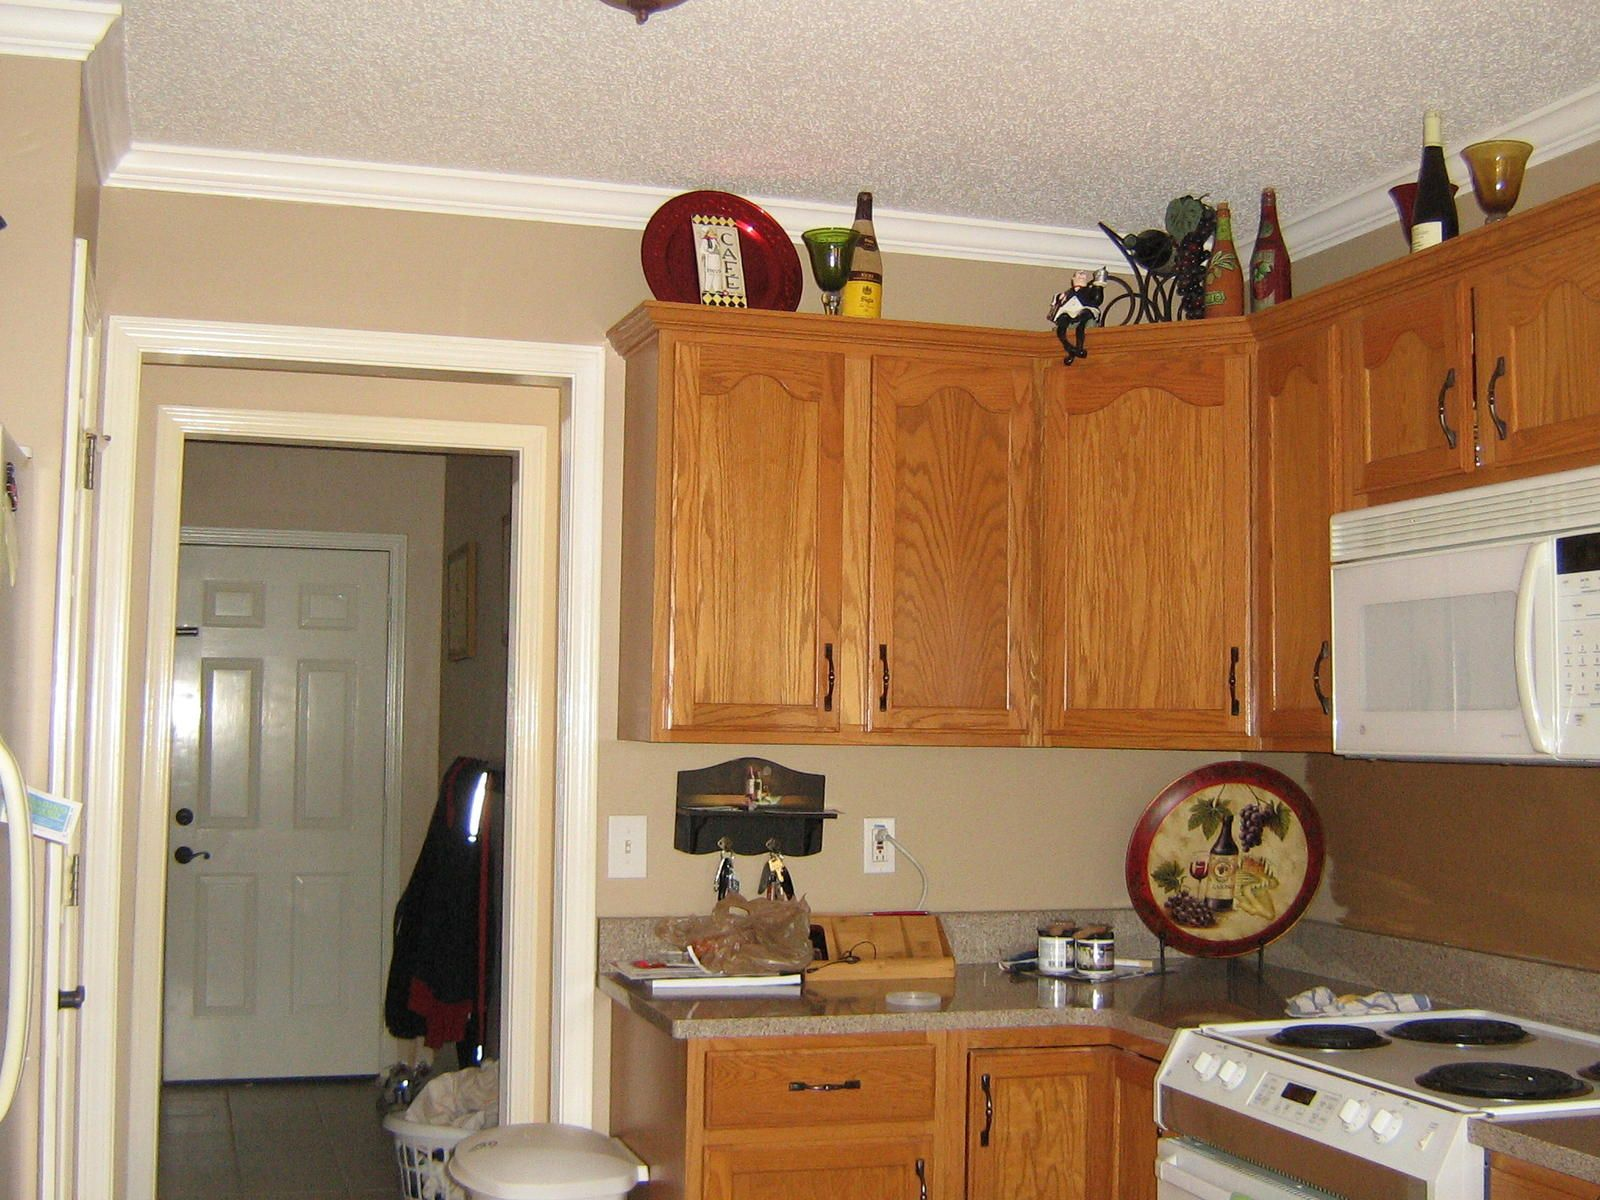 kitchen+paint+colors | please help choosing paint color for kitchen